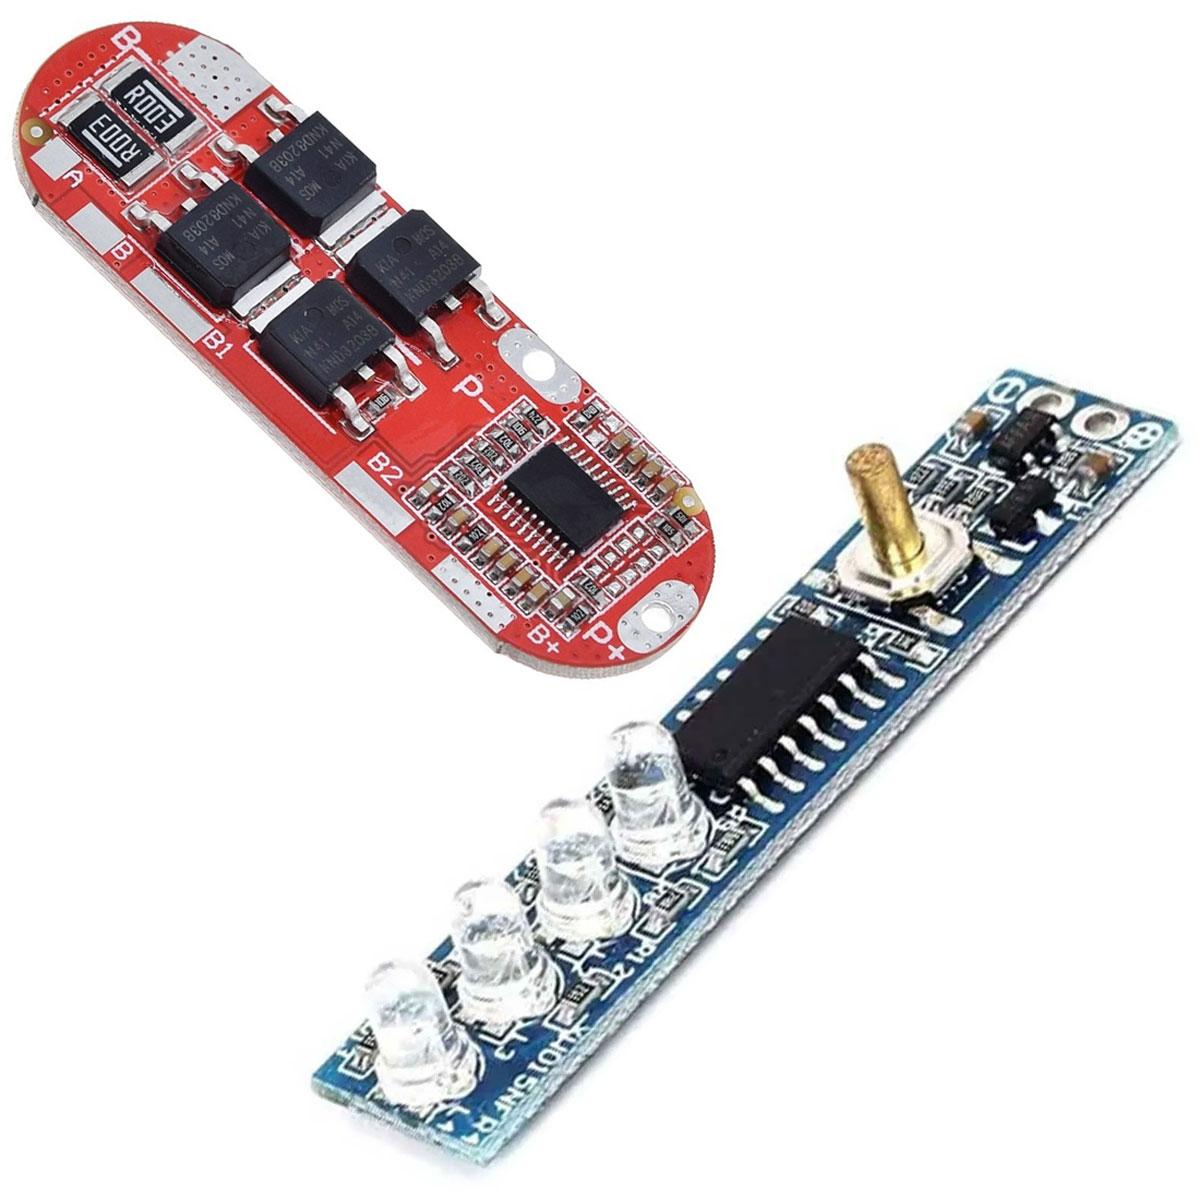 Módulo Carregador de Baterias 5s 25a com proteção BMS + Voltímetro